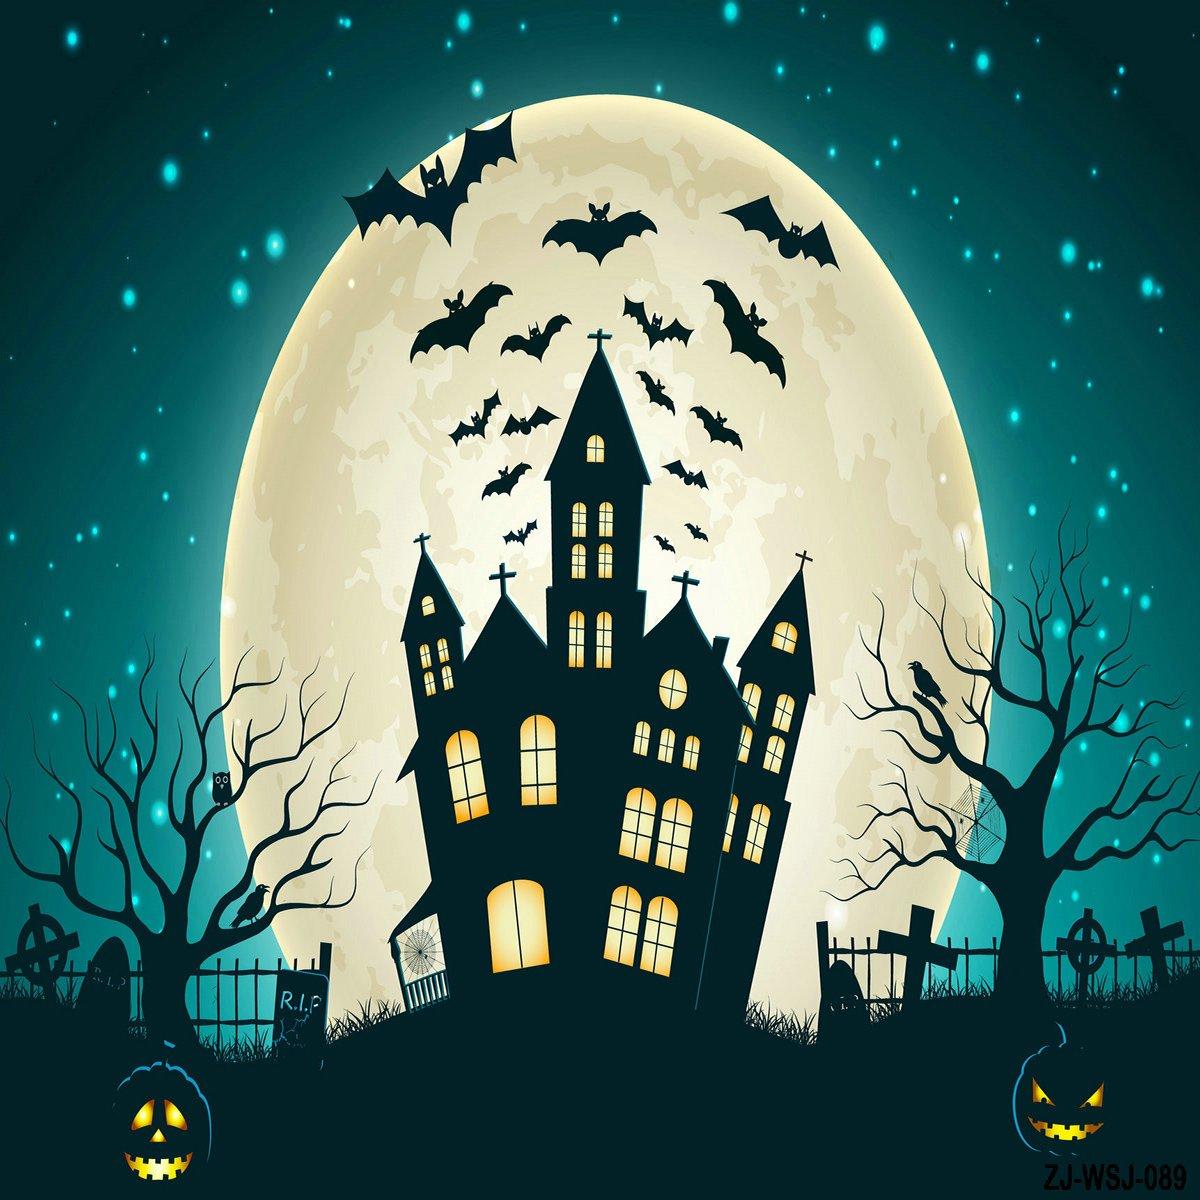 ハロウィンBackdrops Photography Pumpkin Bat城写真Studio背景for Children 10x10ft Halloween2 B07F5CV24V